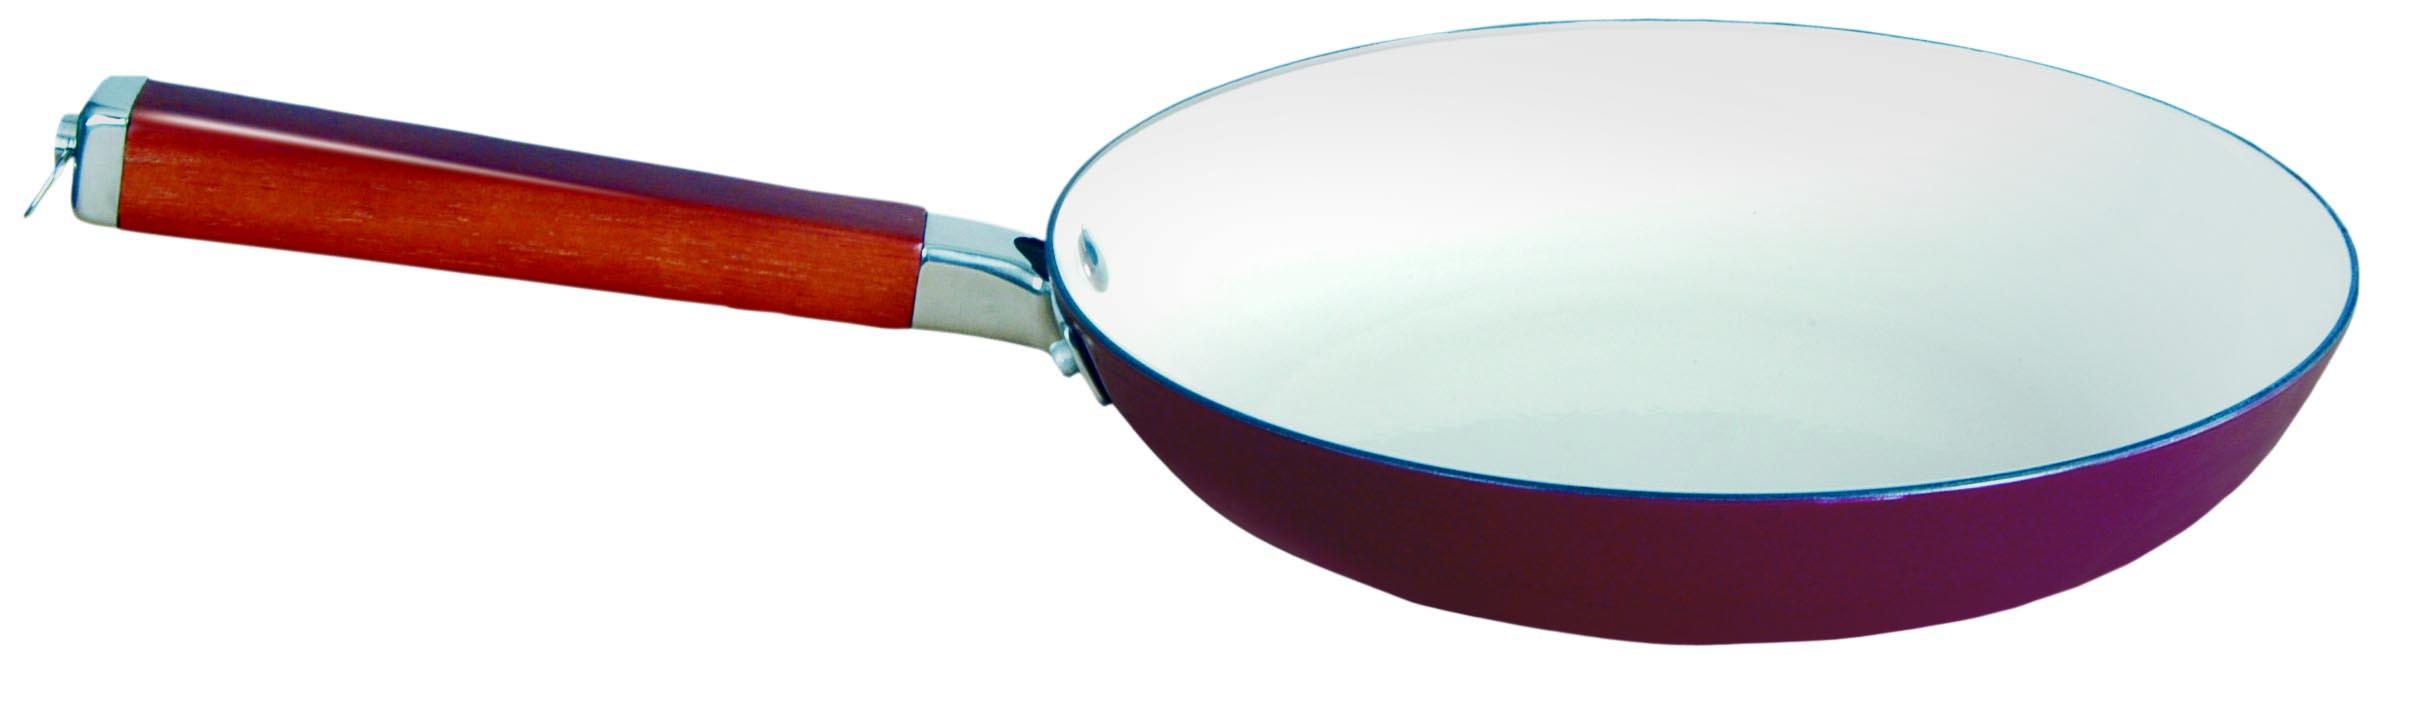 Сковорода Winner, чугунная, цвет: бордо. Диаметр 24 смFS-91909Сковорода Winner выполнена из высококачественного чугуна и внутри и снаружи покрыта эмалью, благодаря которому приобретает уникальные свойства и эксплуатационные характеристики.Сковорода имеет удобную эргономичную ручку, выполненную из сочетания дерева и нержавеющей стали. В процессе приготовления рекомендуется использовать деревянные или пластиковые лопатки. Не используйте металлические губки и острые предметы, чтобы удалить остатки пищи с посуды, а также отбеливатели и моющие средства содержащие хлор. Подходит для использования на индукционной плите. Рекомендована ручная чистка. Характеристики:Материал: чугун, дерево, нержавеющая сталь. Диаметр сковороды: 24 см. Высота стенки: 5 см. Длина ручки: 19 см. Производитель: Китай. Размер упаковки: 44 см х 25 см х 5 см. Артикул: WR-6201.